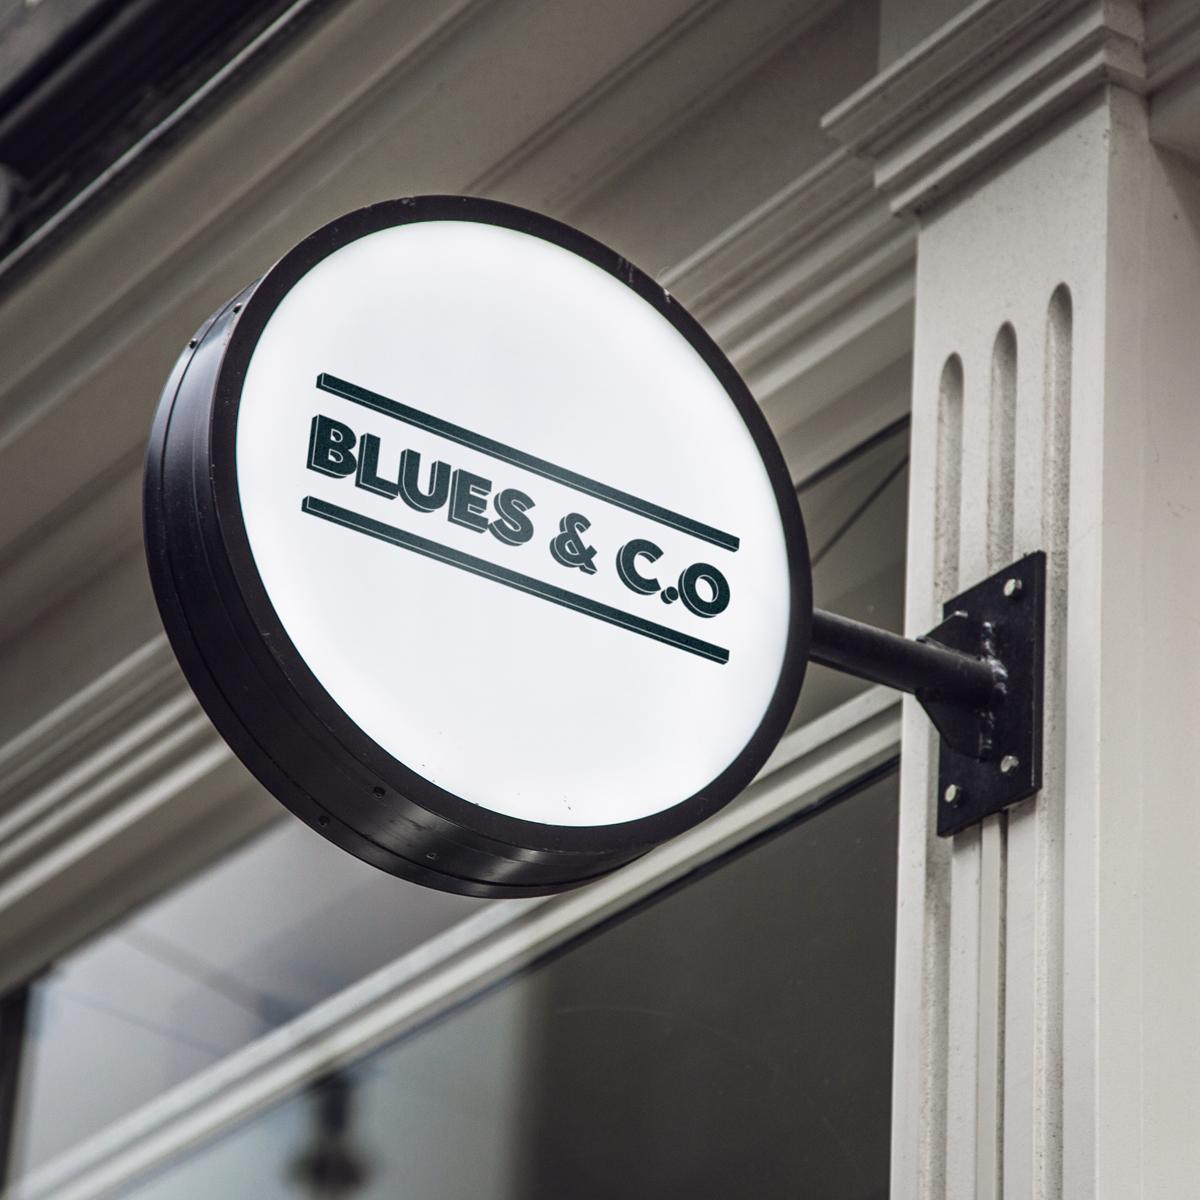 Création de logo pour Blues & c.o, nouveau bar à Lyon